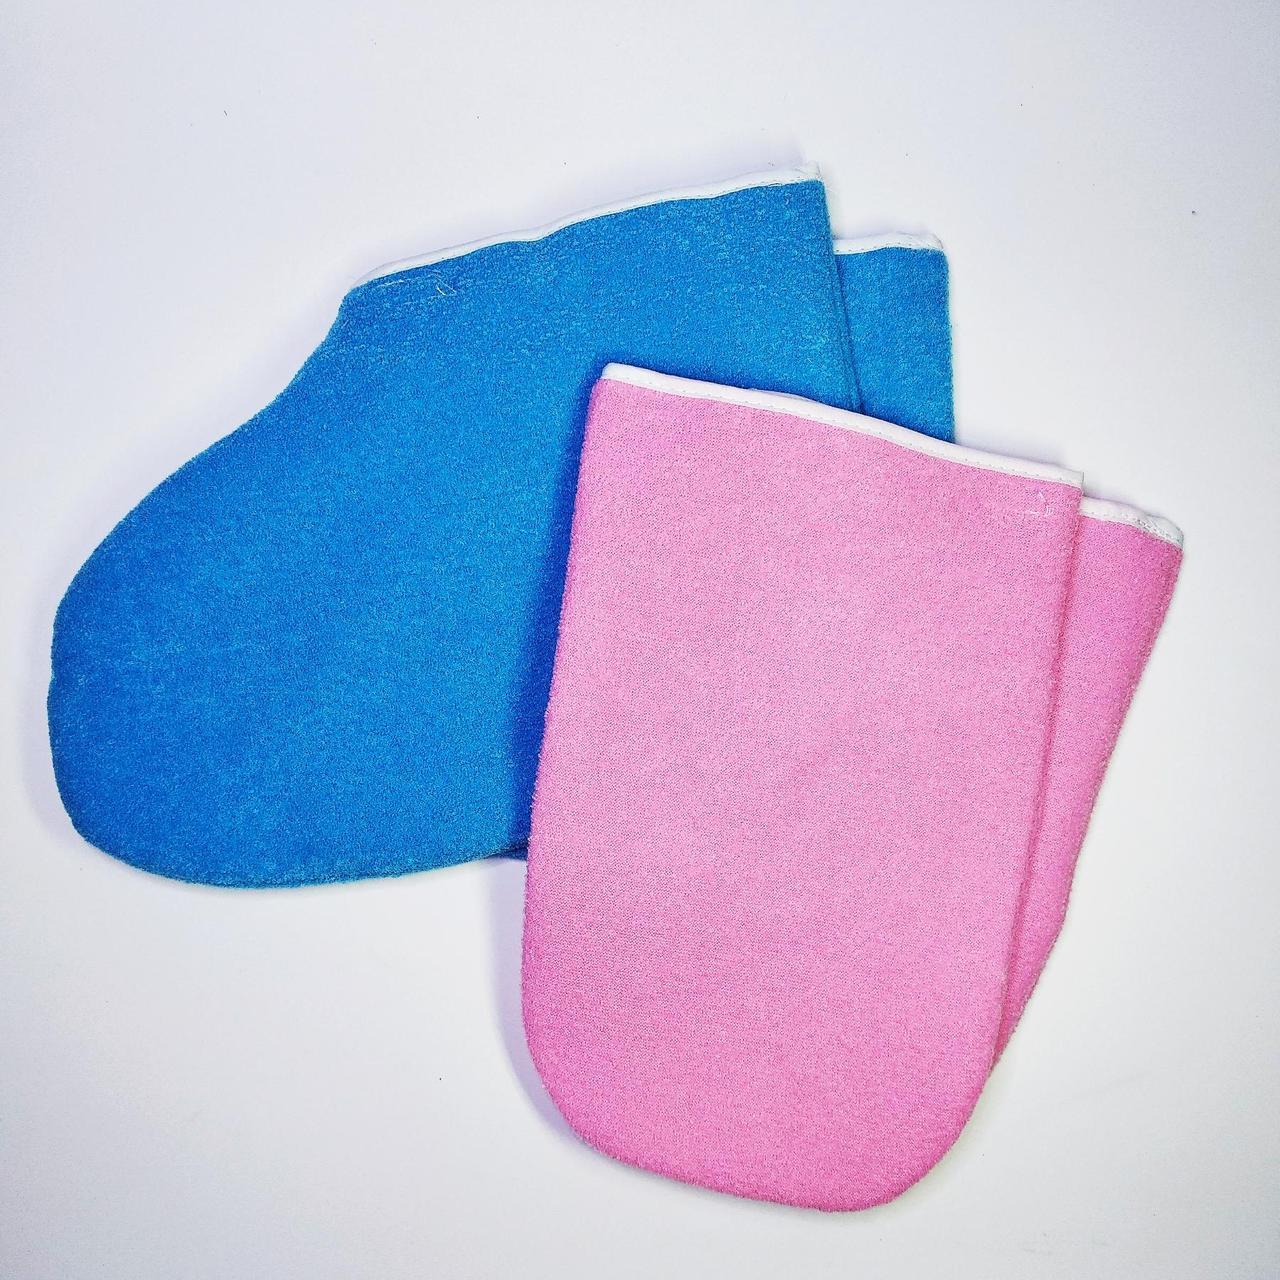 Варежки + Носки  для парафинотерапии многоразовые